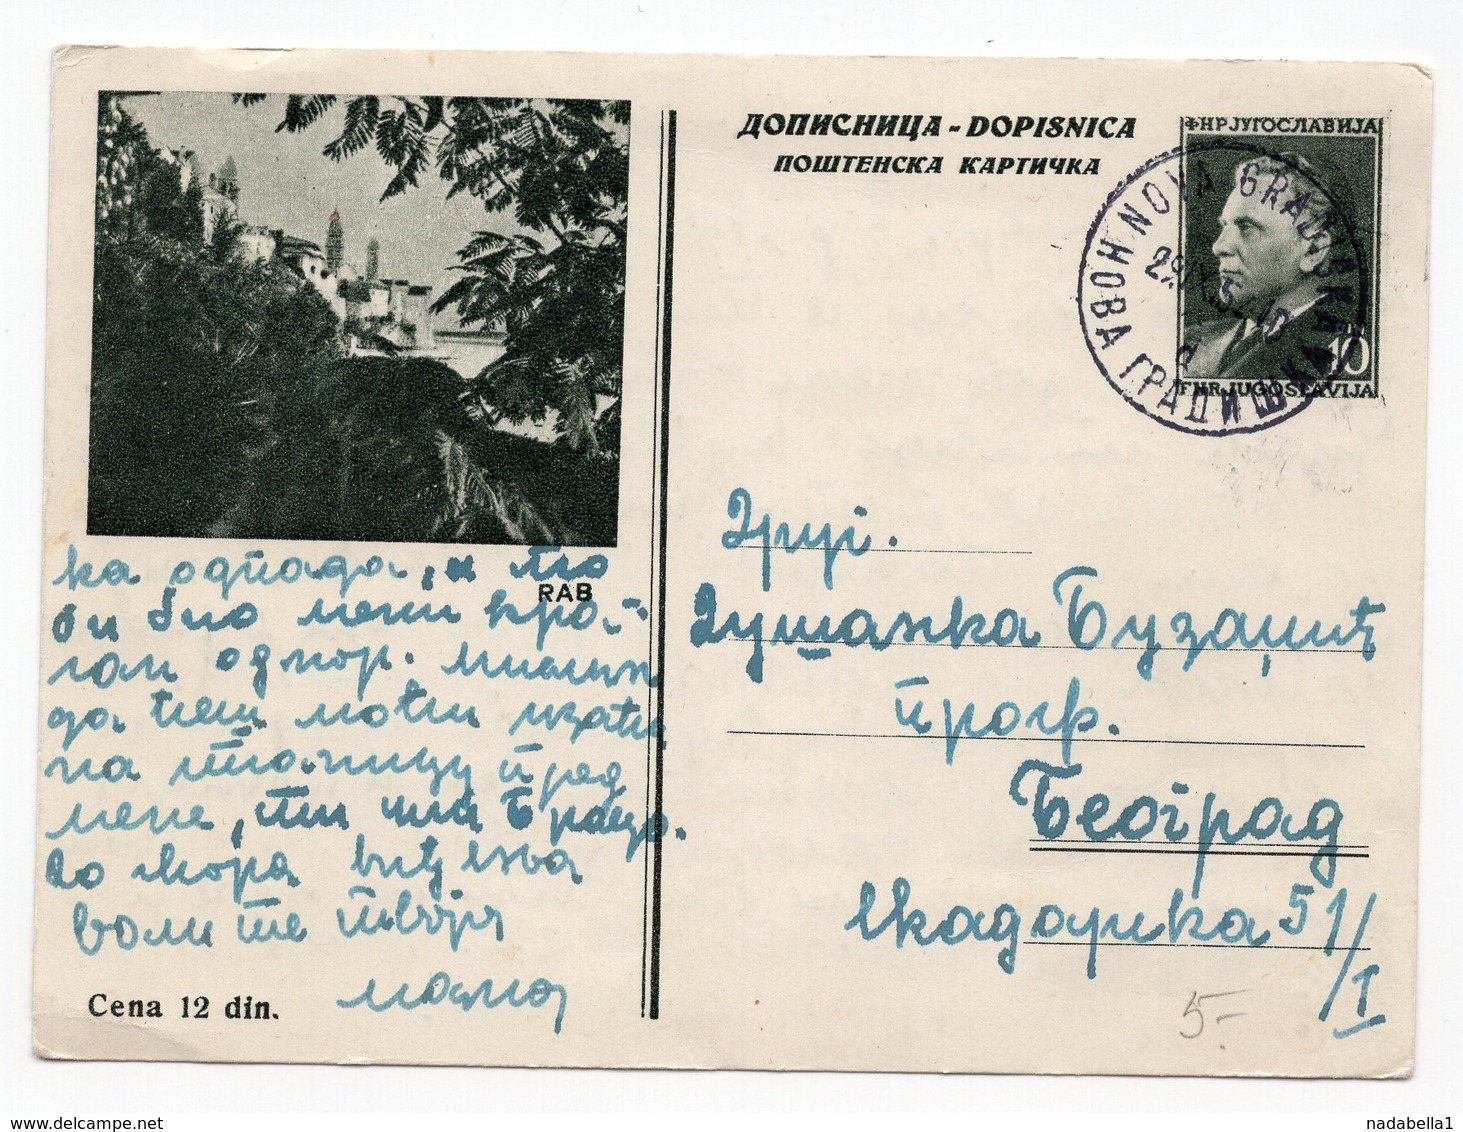 1954 YUGOSLAVIA, CROATIA, RAB ISLAND, USED ILLUSTRATED POSTCARD TITO - Croatia